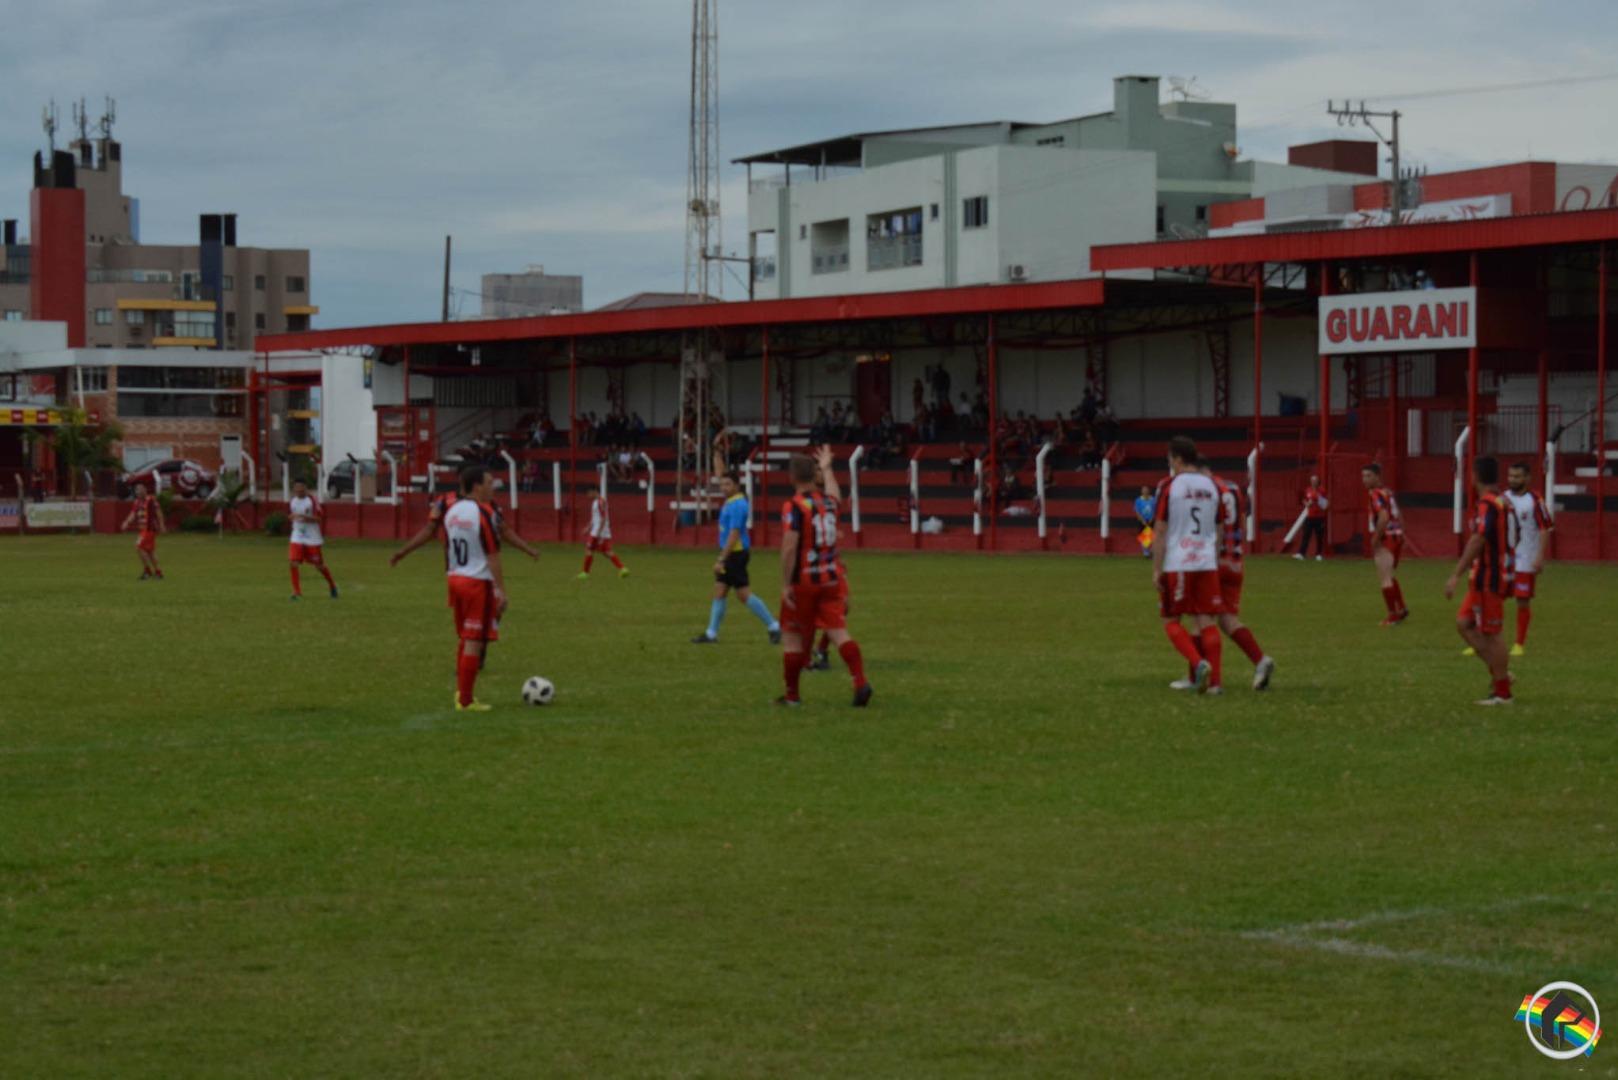 Guarani folga na primeira rodada do Campeonato Estadual de Amadores